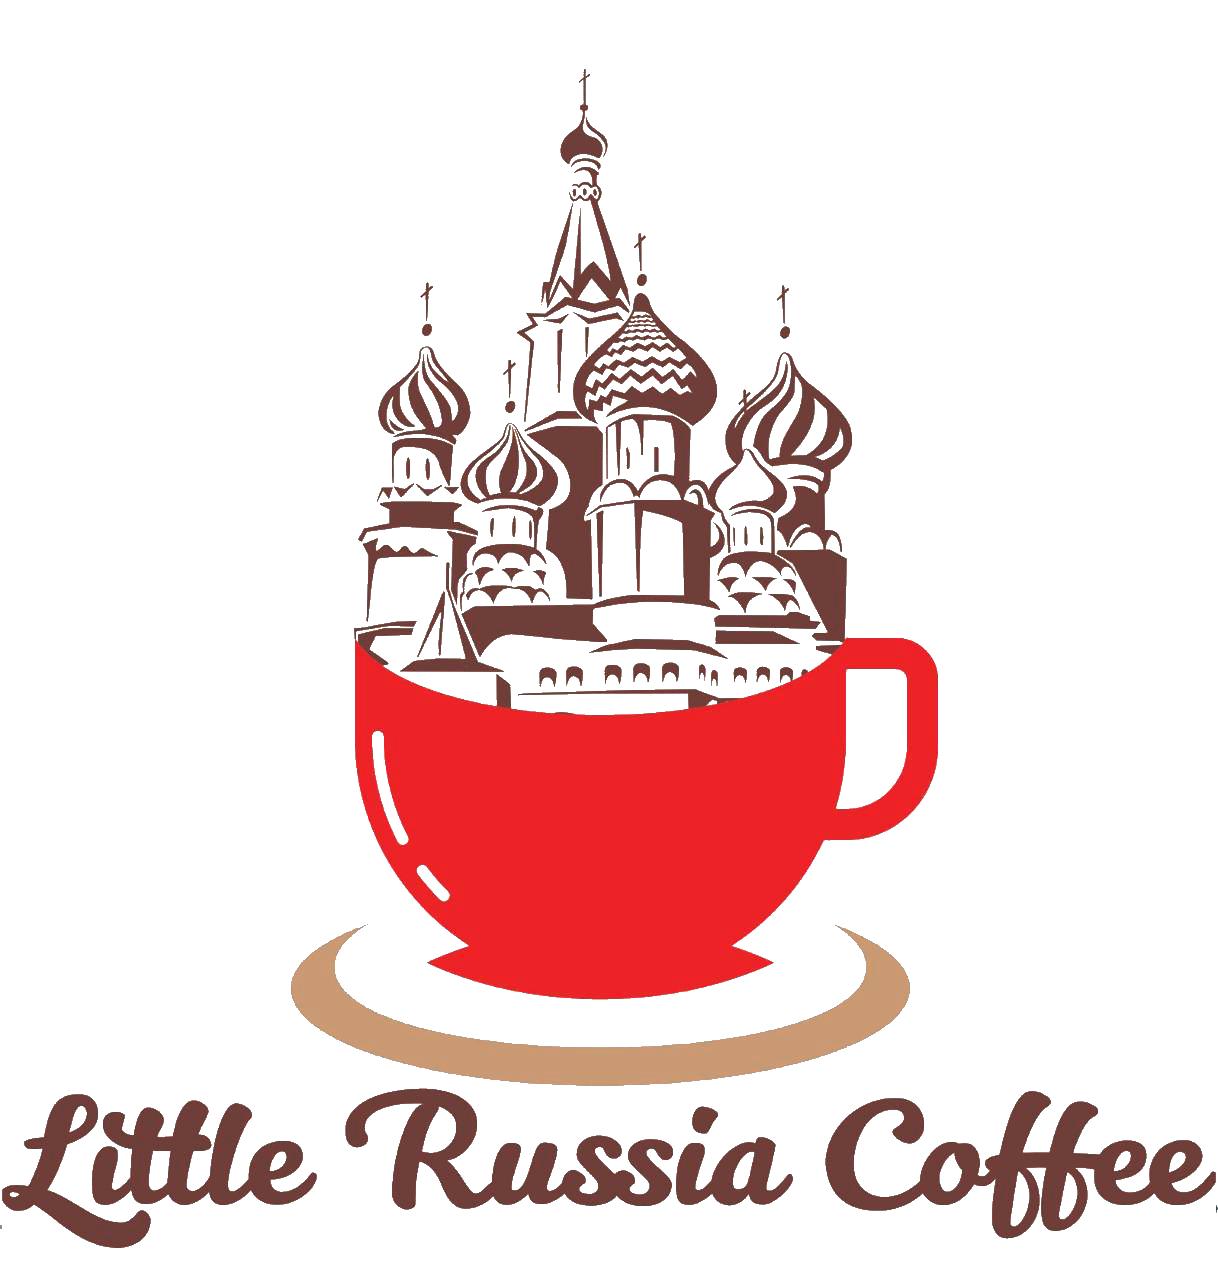 littlerussiacoffee.png